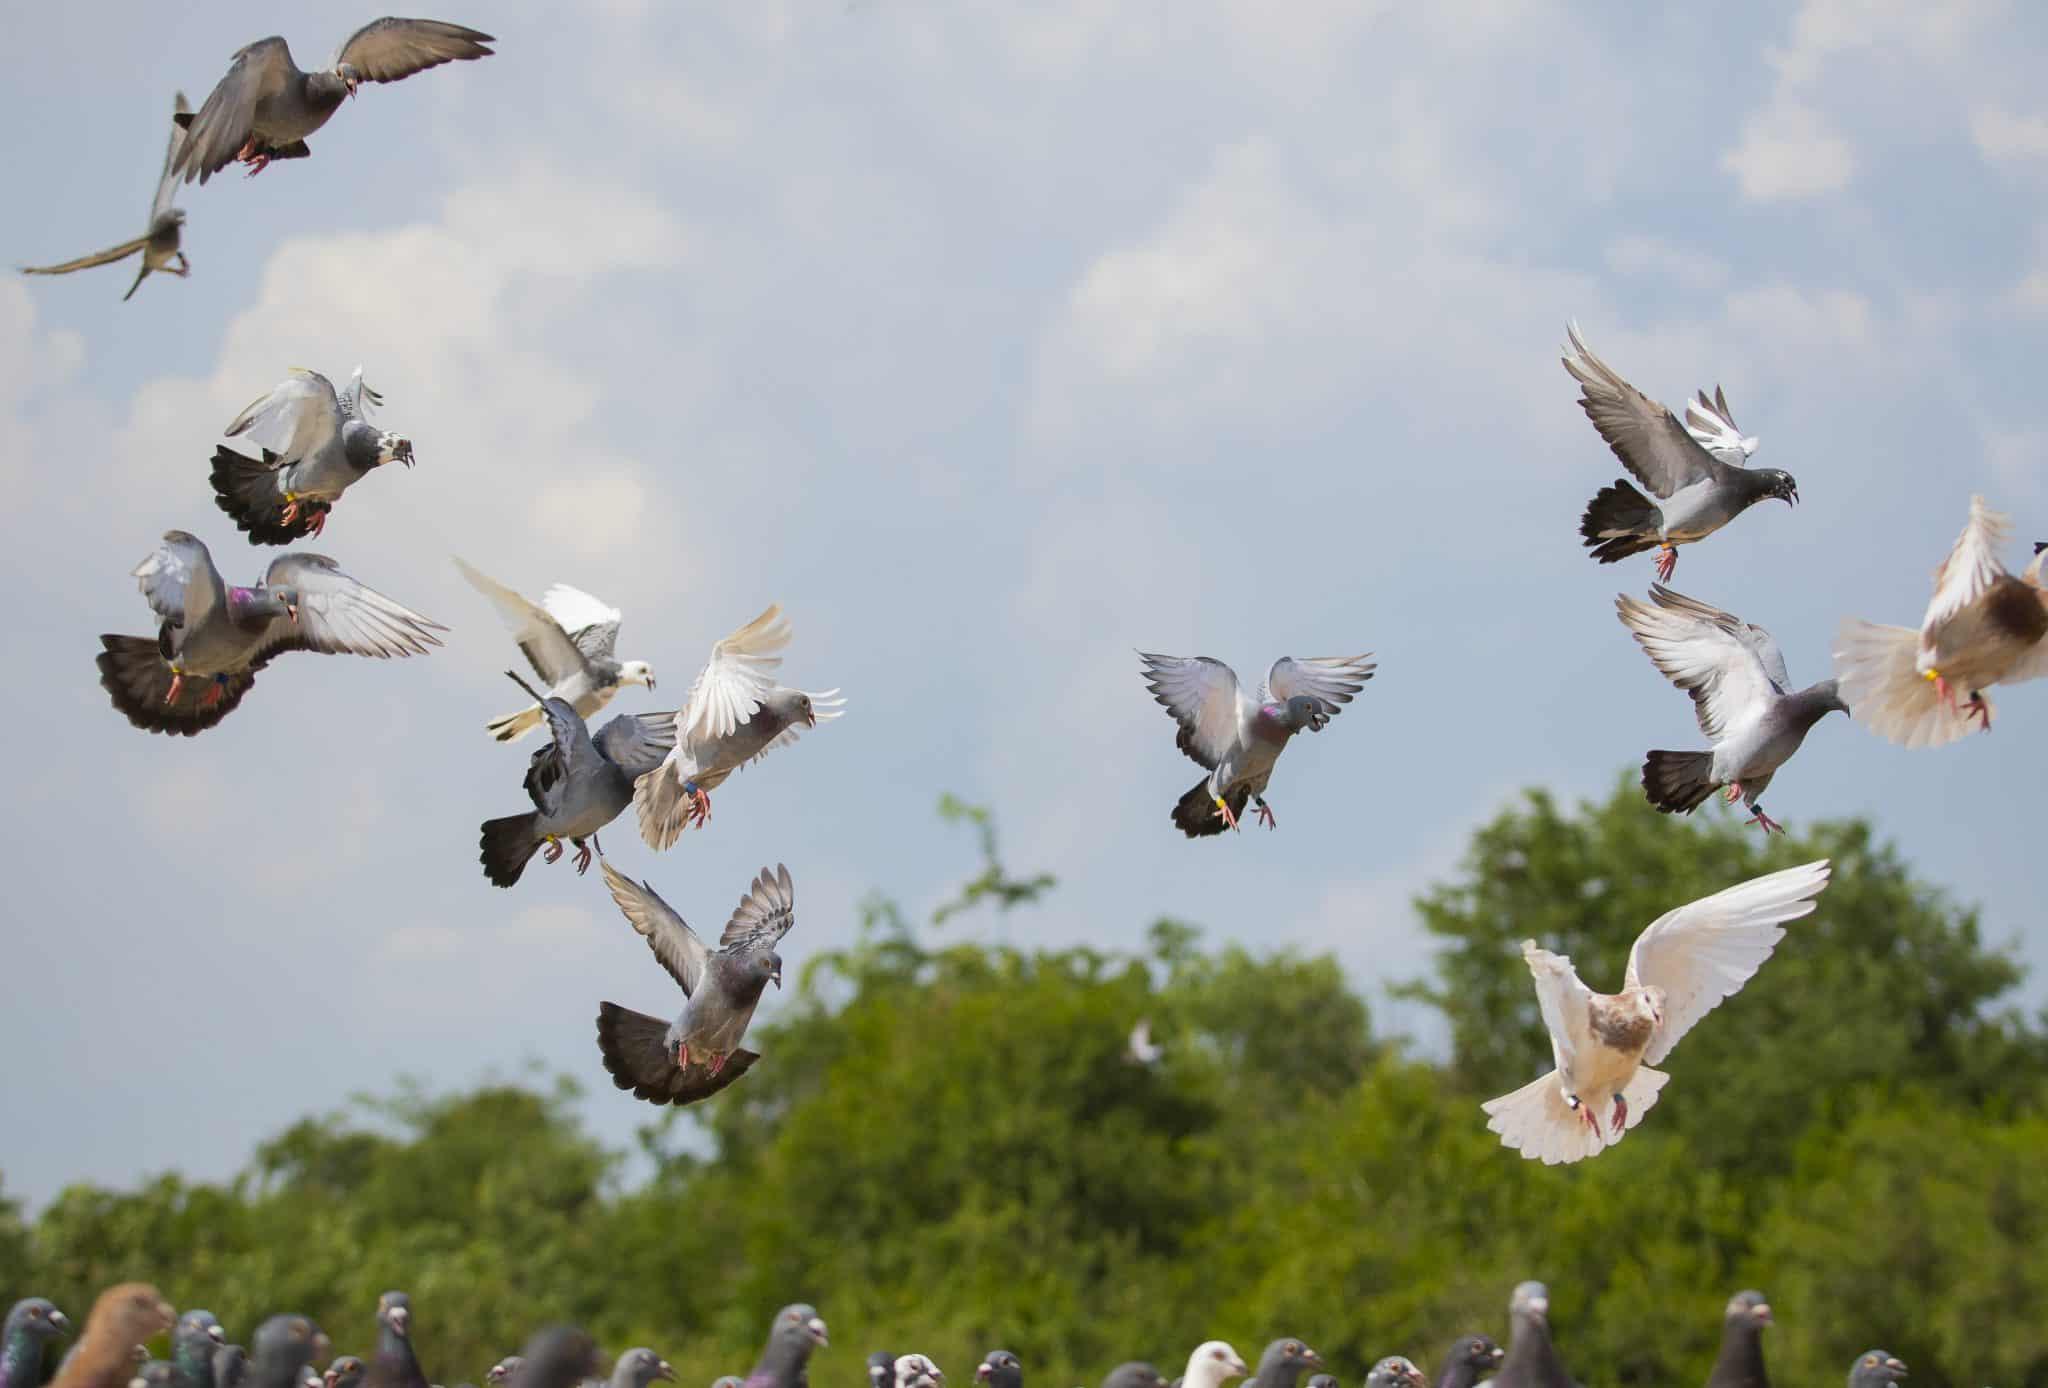 יום הציפורים הנודדות